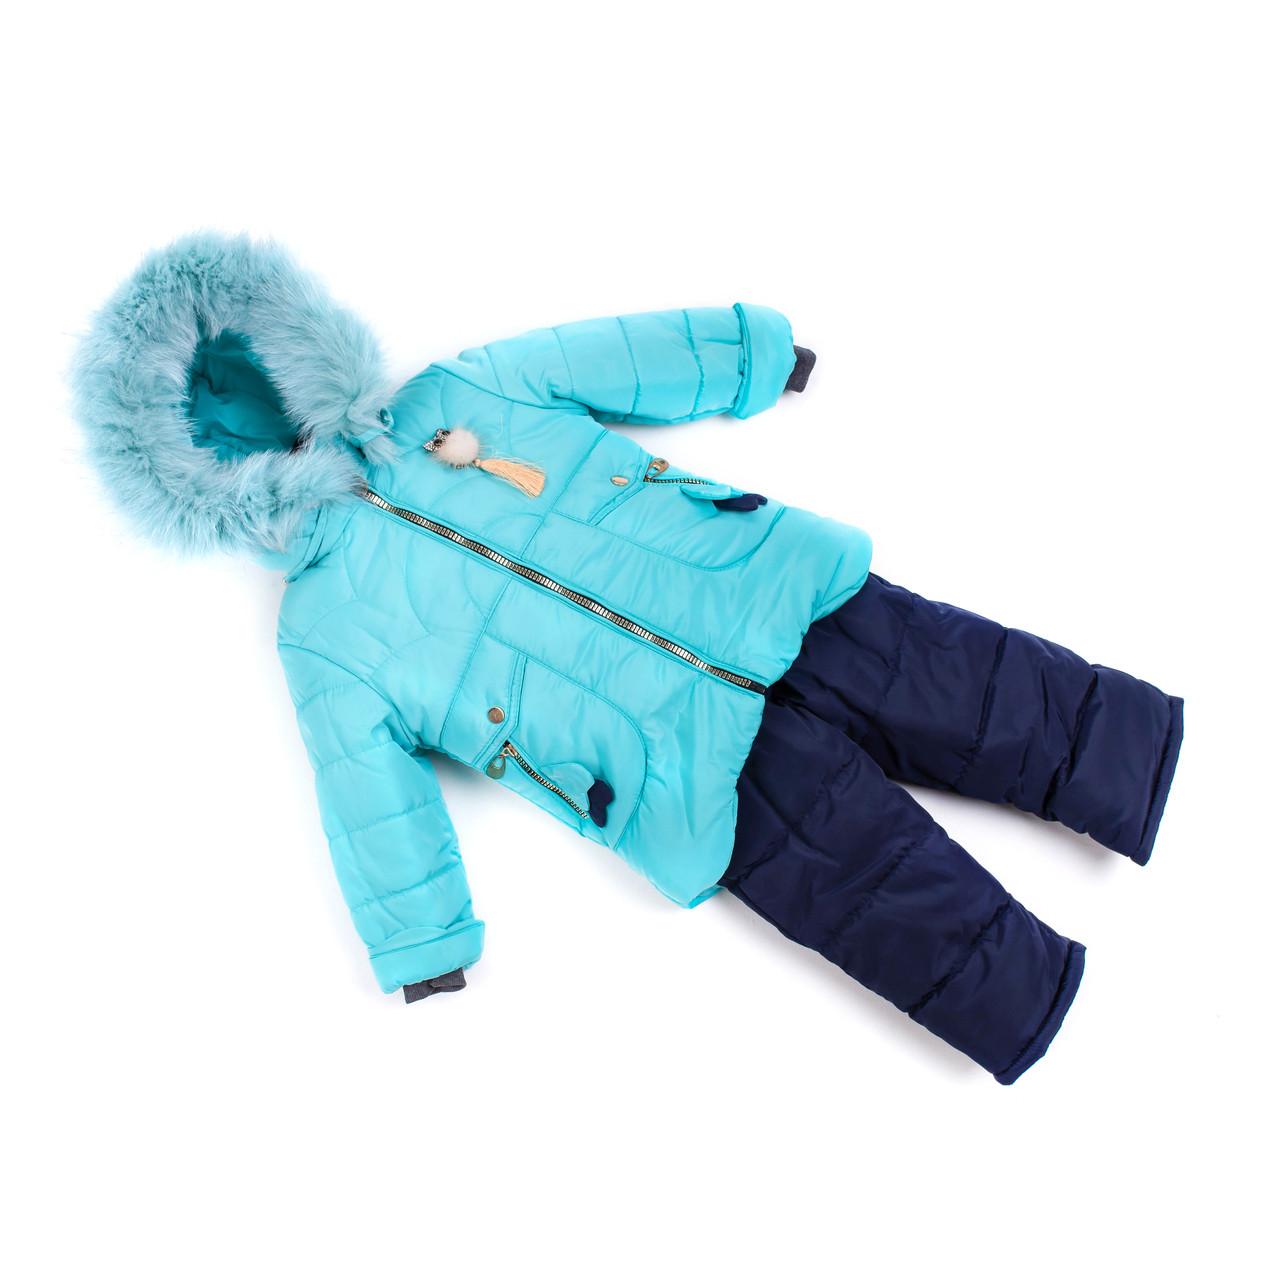 Зимний костюм для девочки на меху 22-28 бирюза